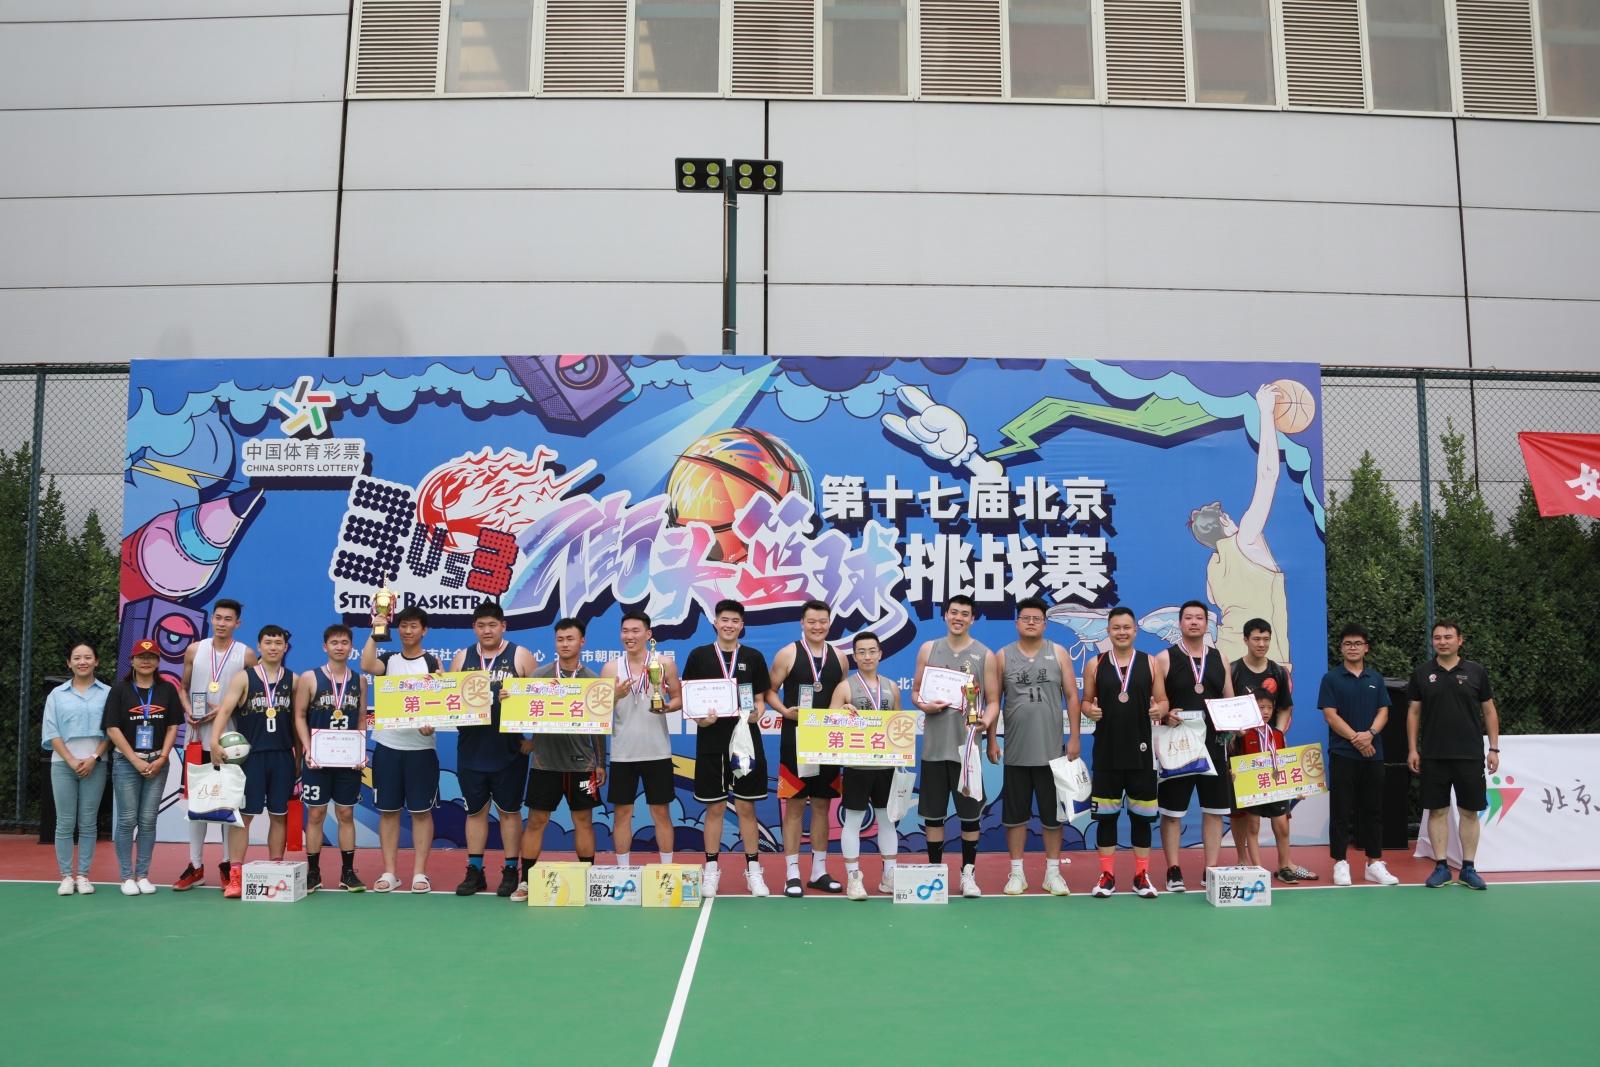 中润致远体育热烈祝贺北京3VS3街头篮球挑战赛圆满落幕!